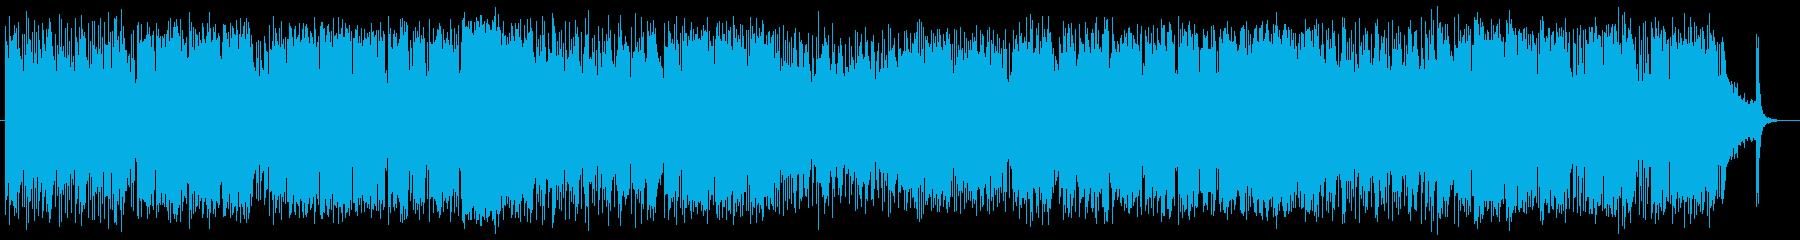 明るく疾走感のあるシンセ・ギターサウンドの再生済みの波形